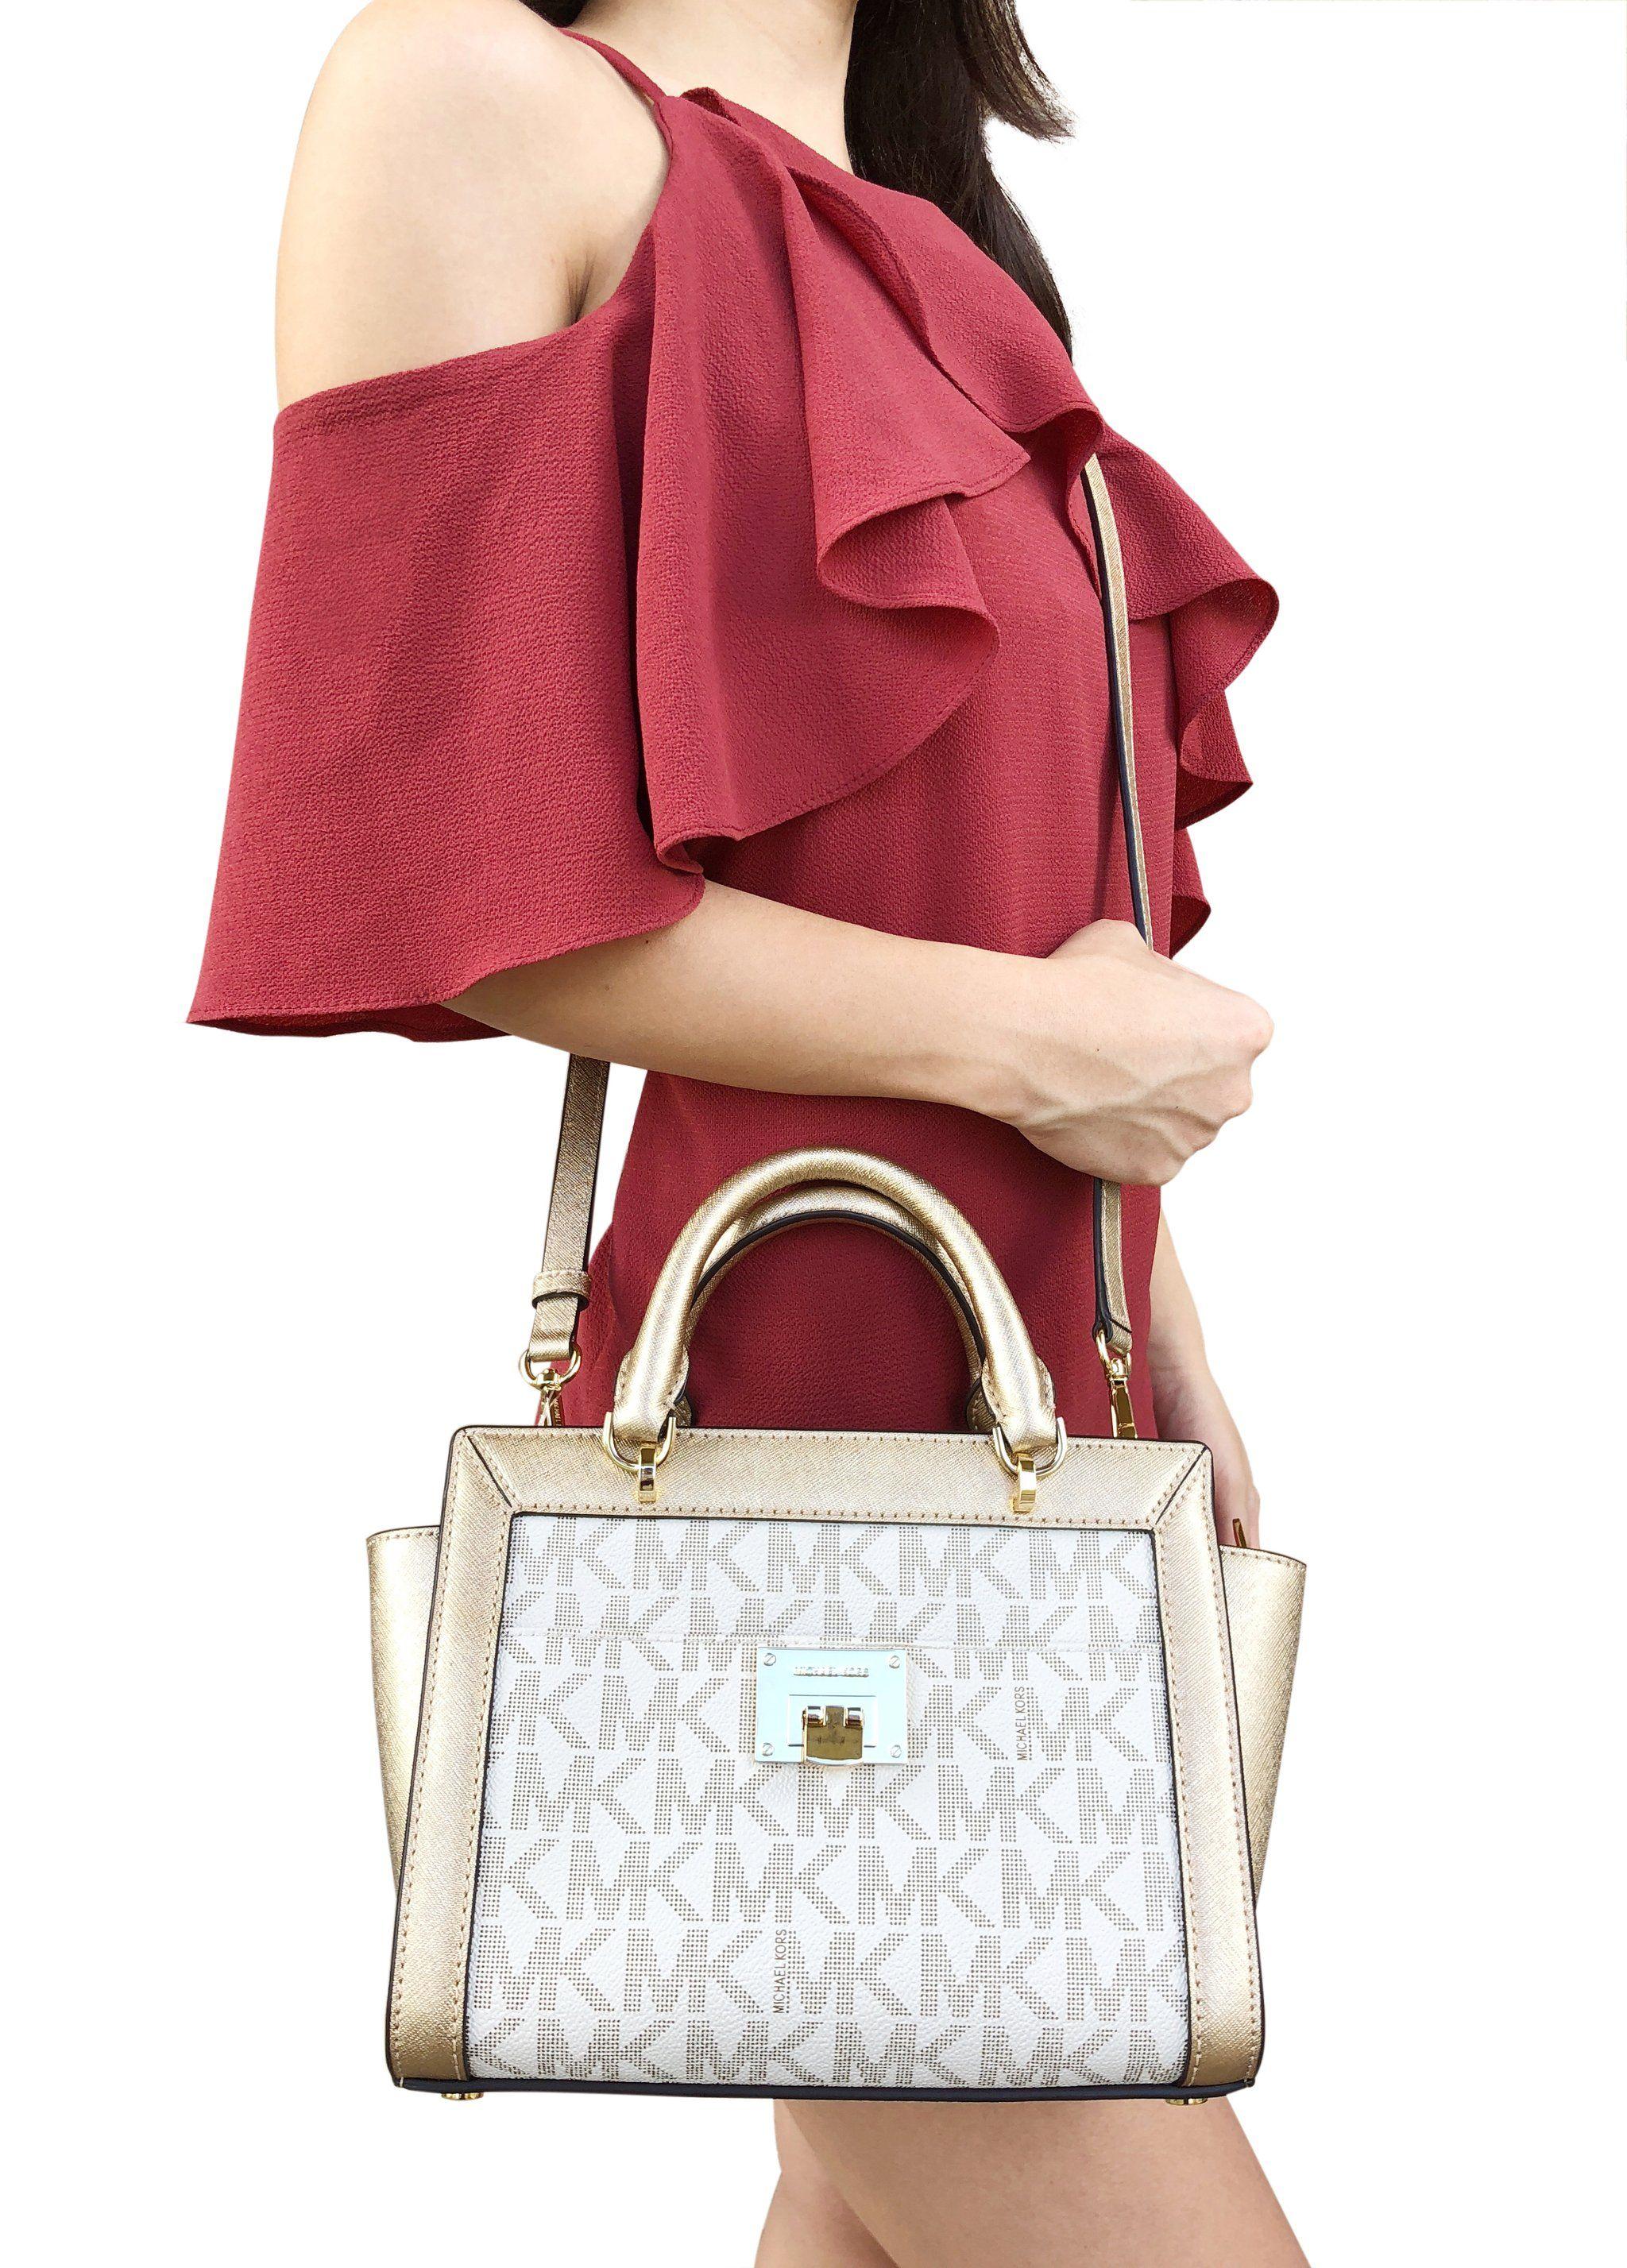 56497a87c8f4 NWT Michael Kors Tina Small Top Zip Satchel Handbag Crossbody Vanilla MK  Gold